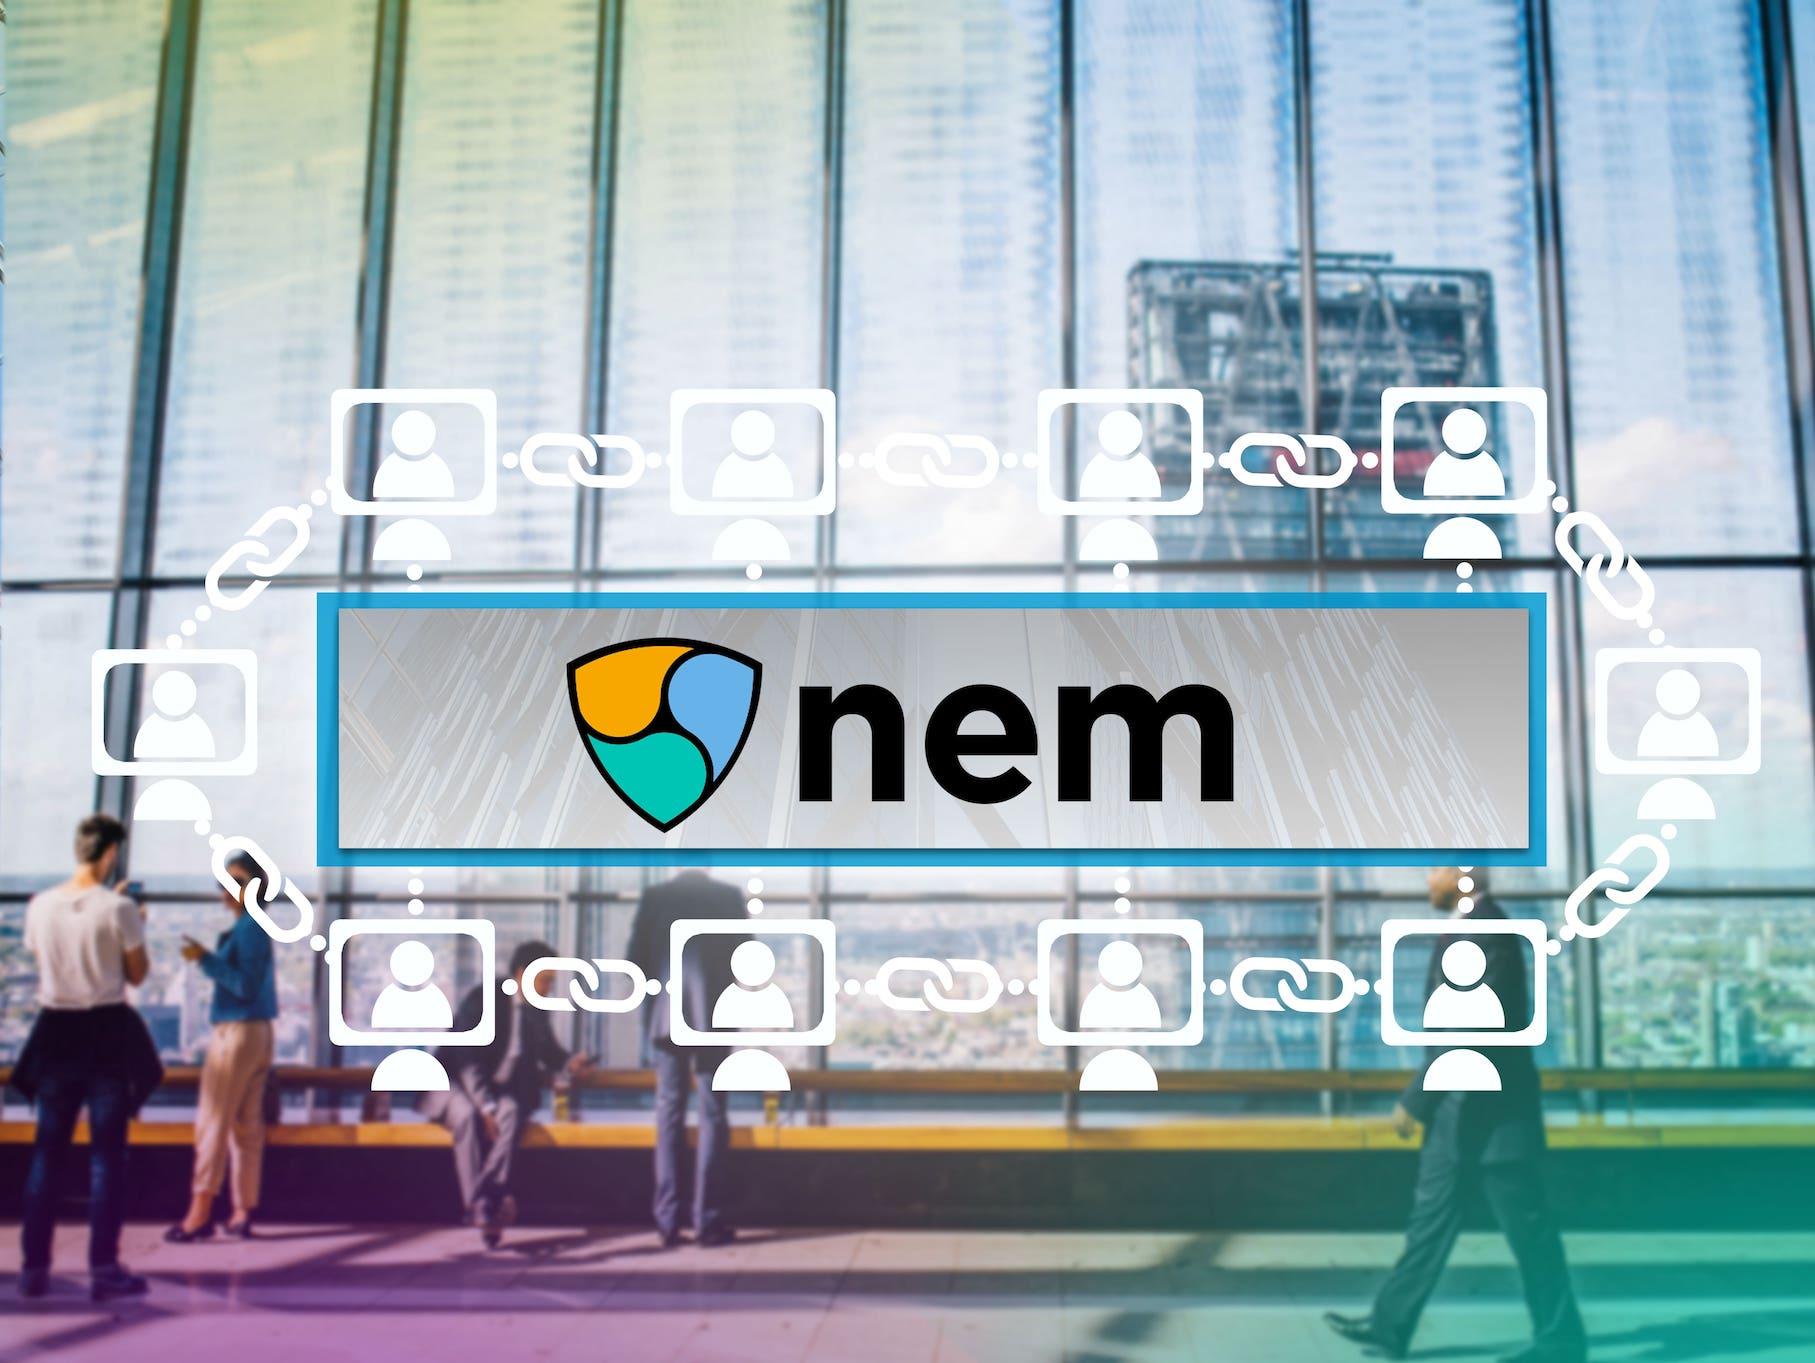 ネム(NEM/XEM)はいくらから買える?仮想通貨の少額投資希望の人に朗報?